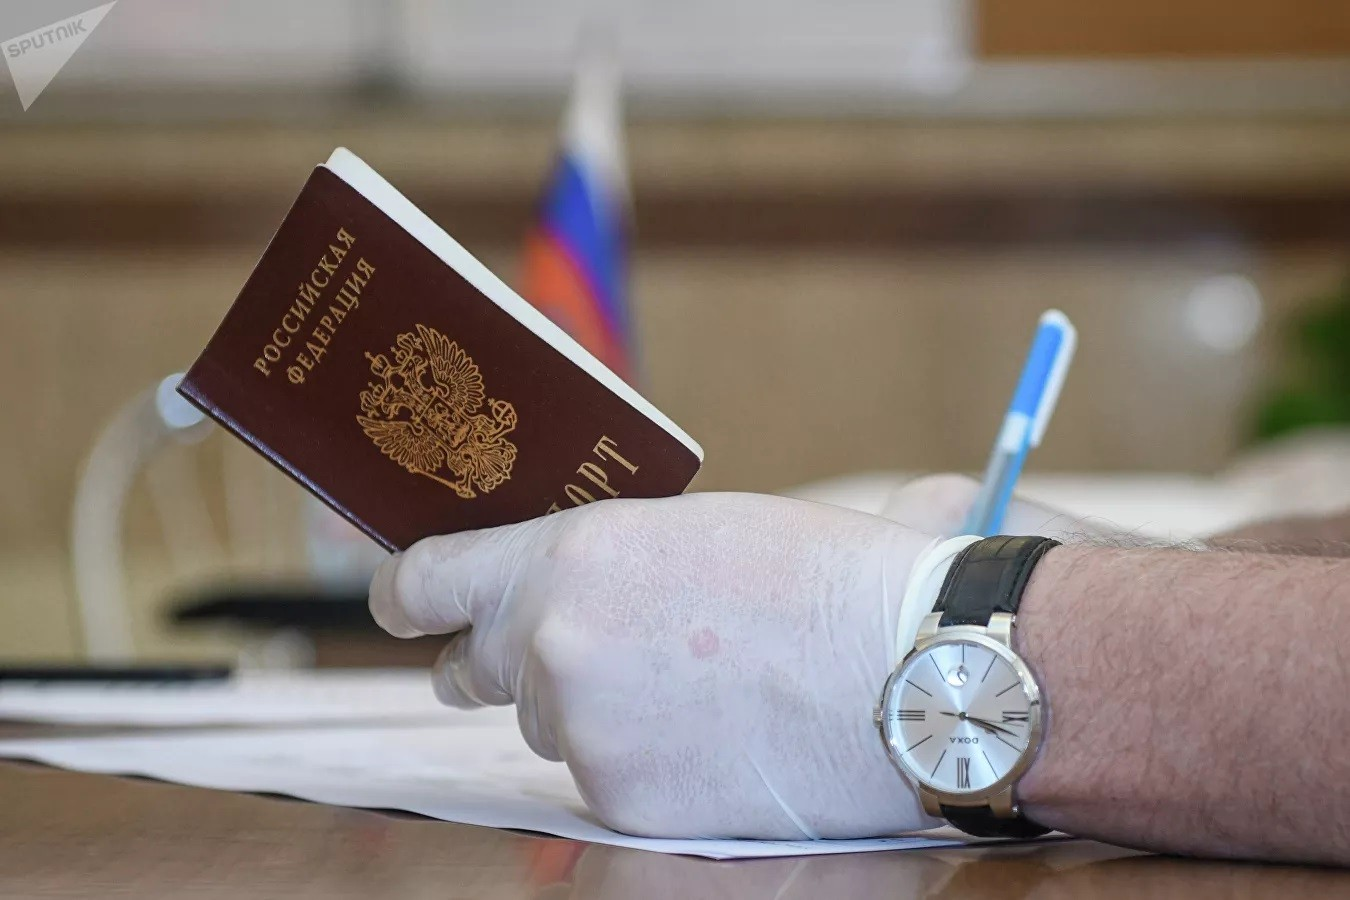 Путин внес в Госдуму проект о запрете второго гражданства для госслужащих. Либерда притихла